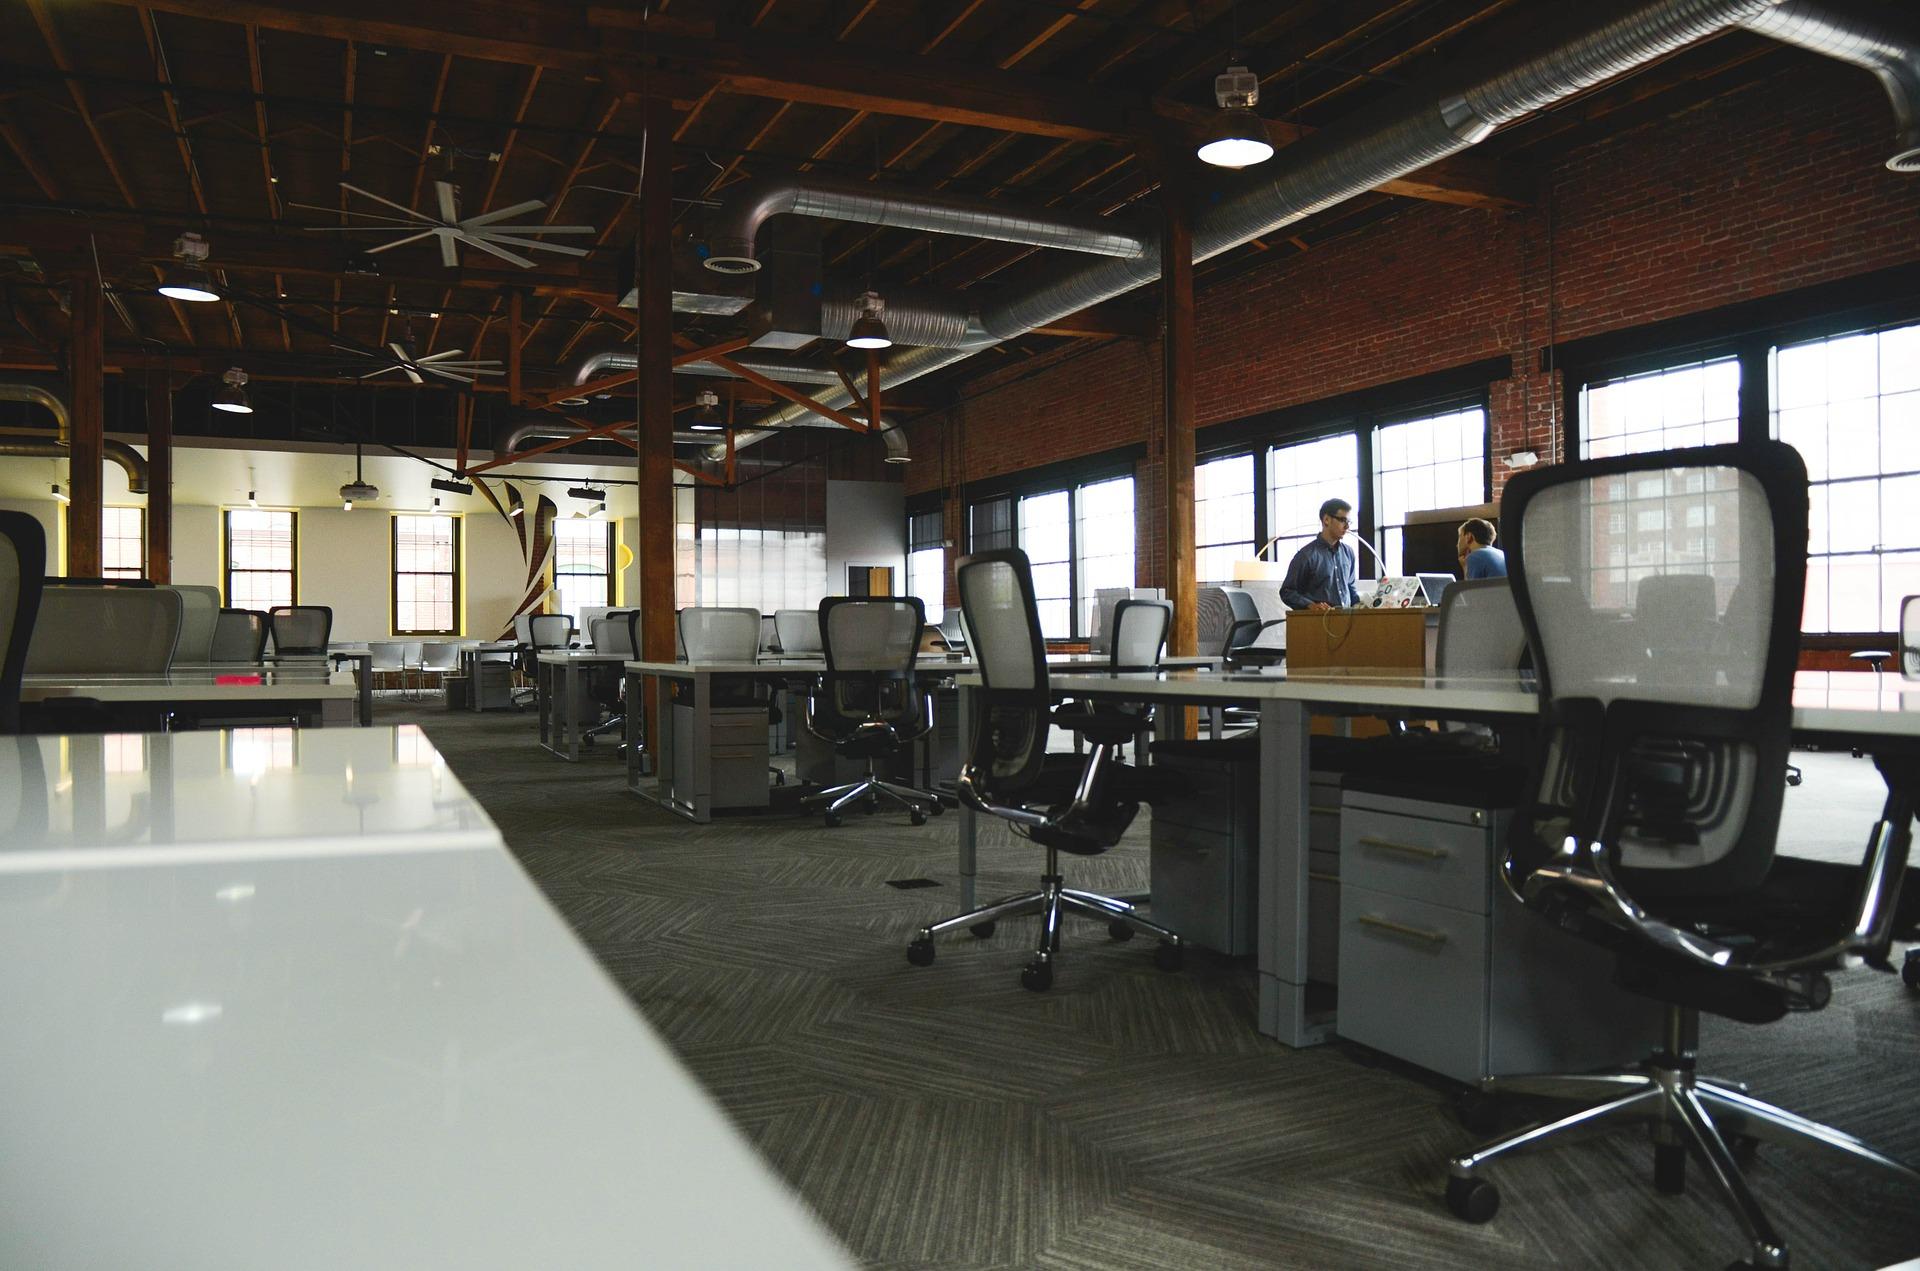 office-594119_1920.jpg